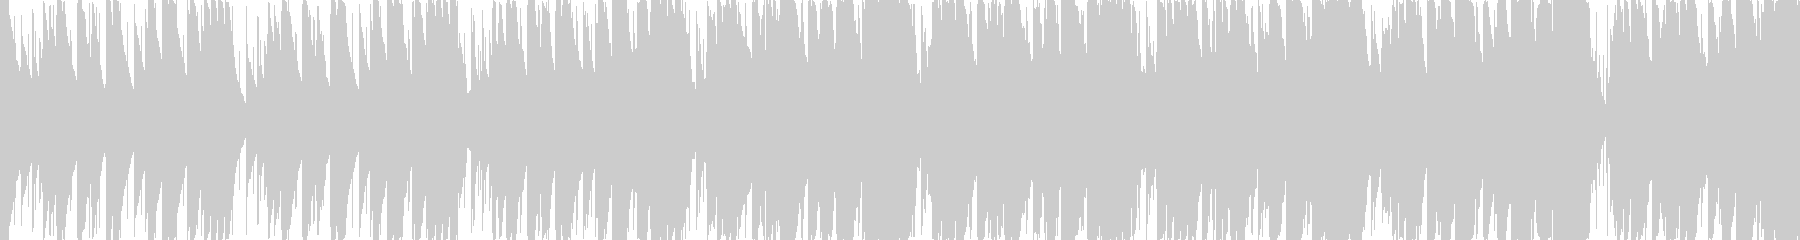 8bitチューンのRPG風楽曲1の未再生の波形